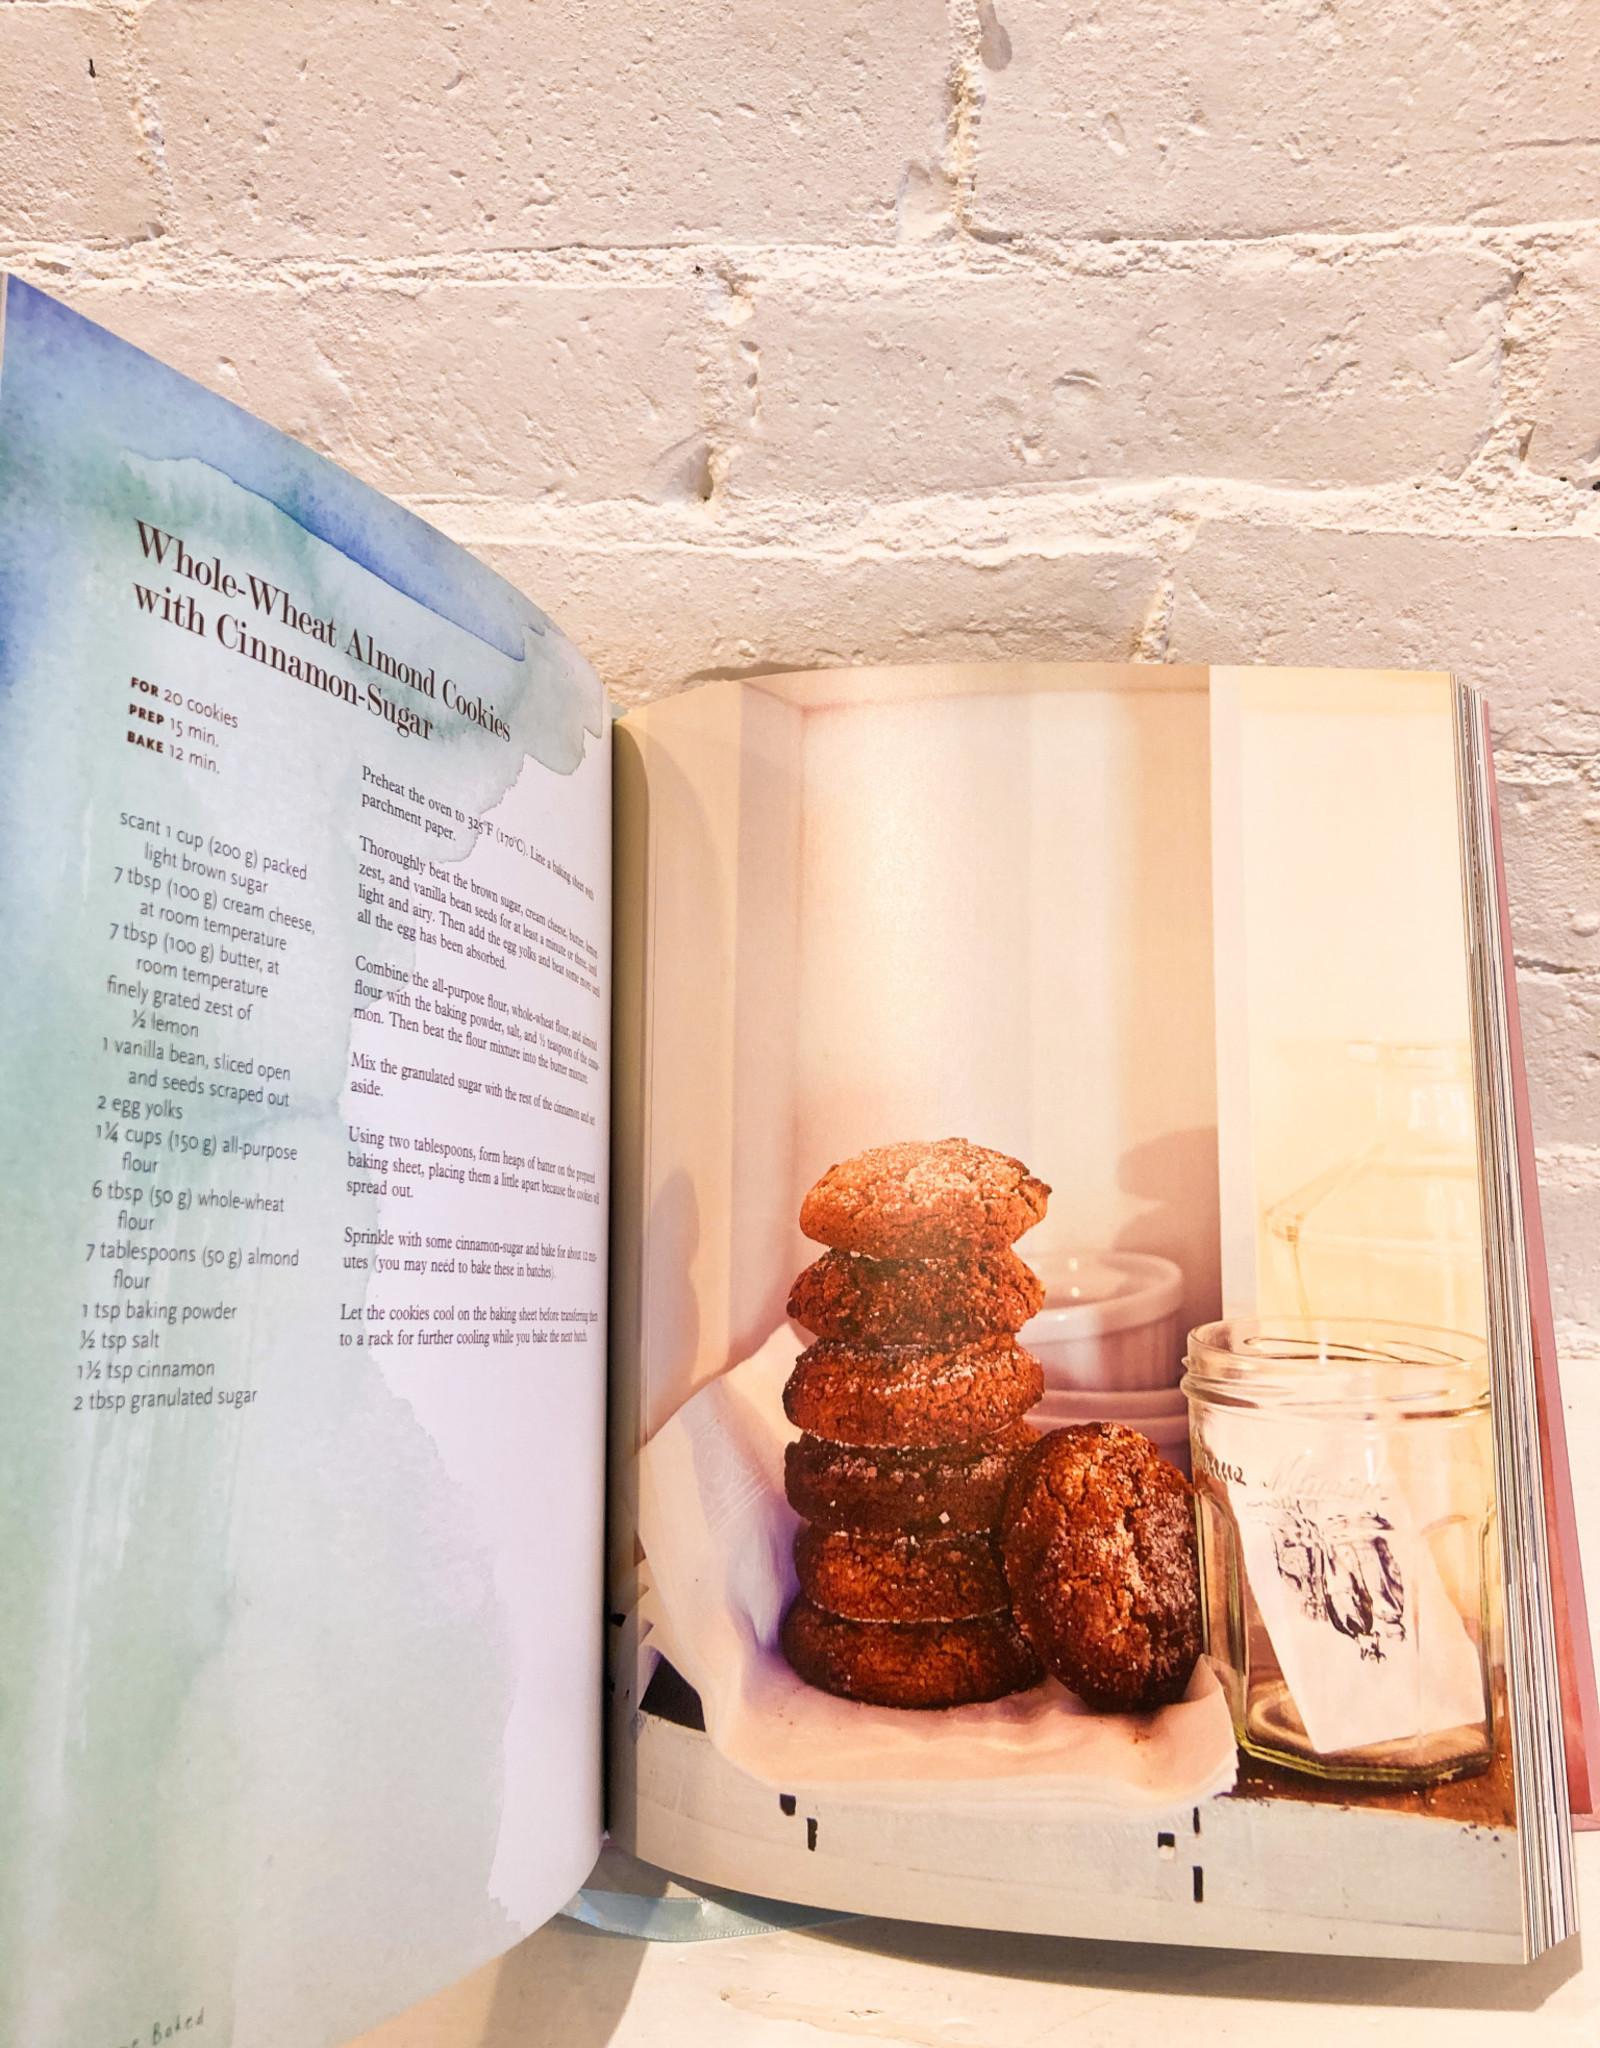 Home Baked by Yvette van Boven